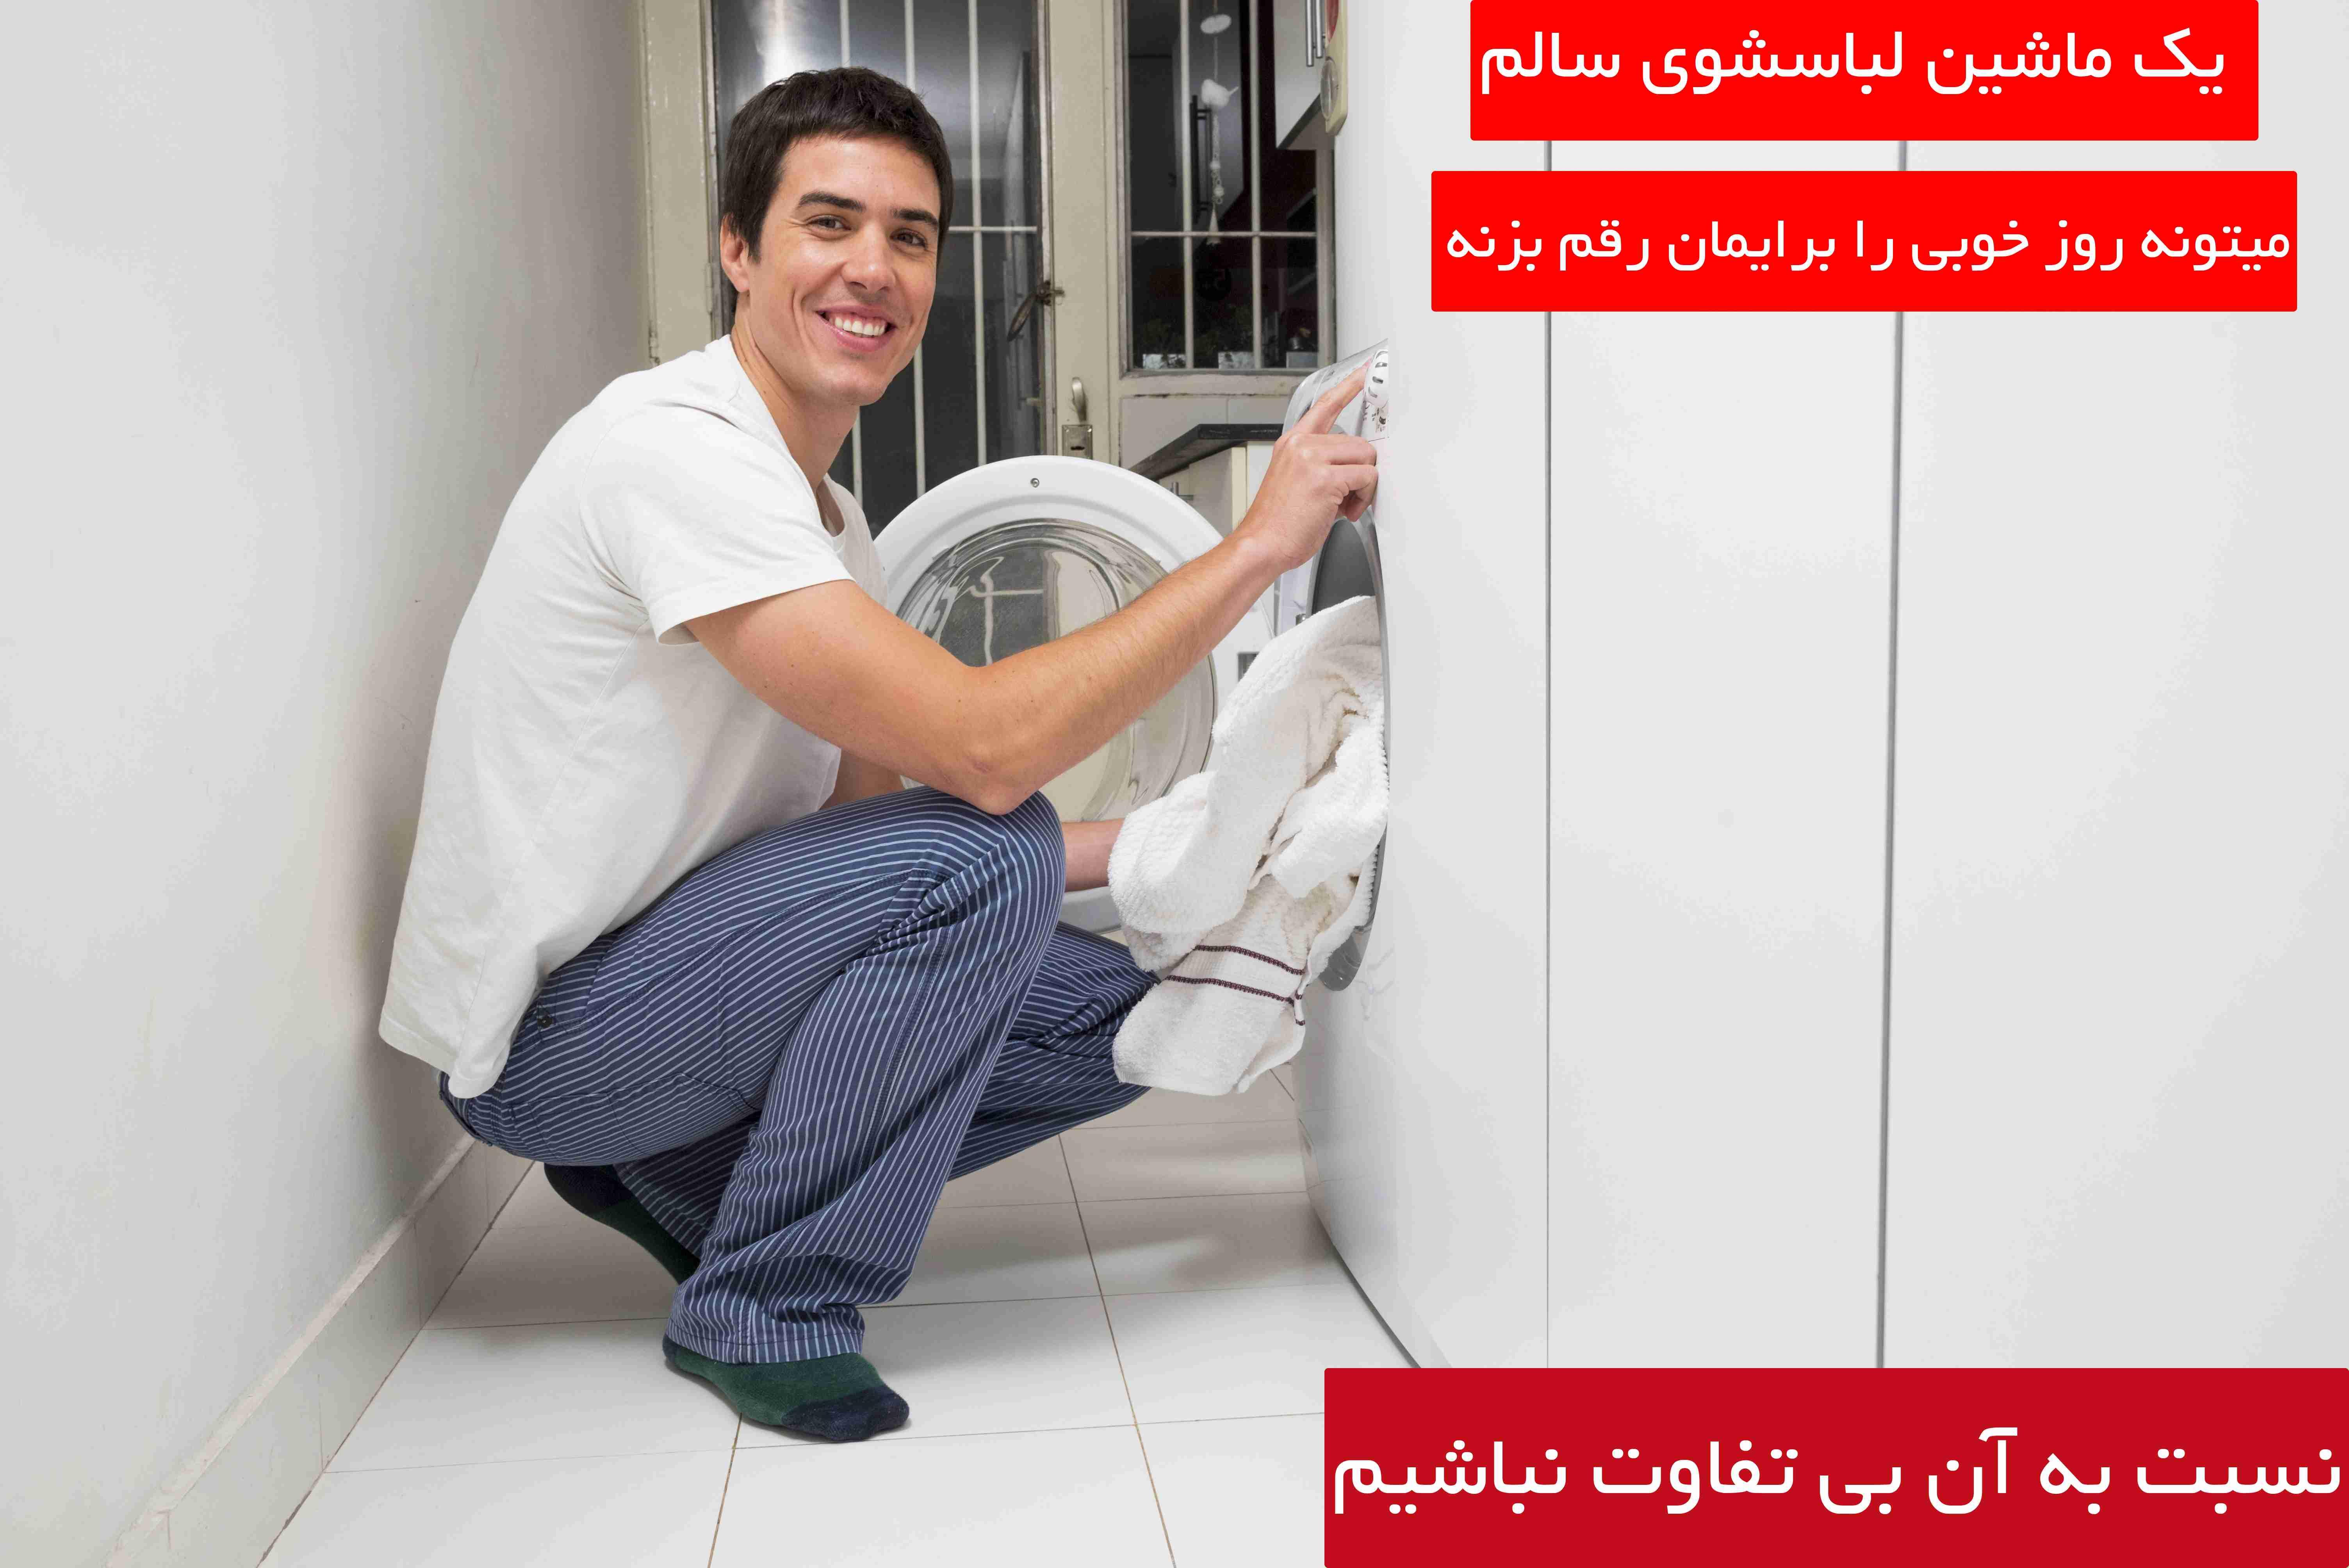 دلایل لرزش و صدا در ماشین لباسشویی